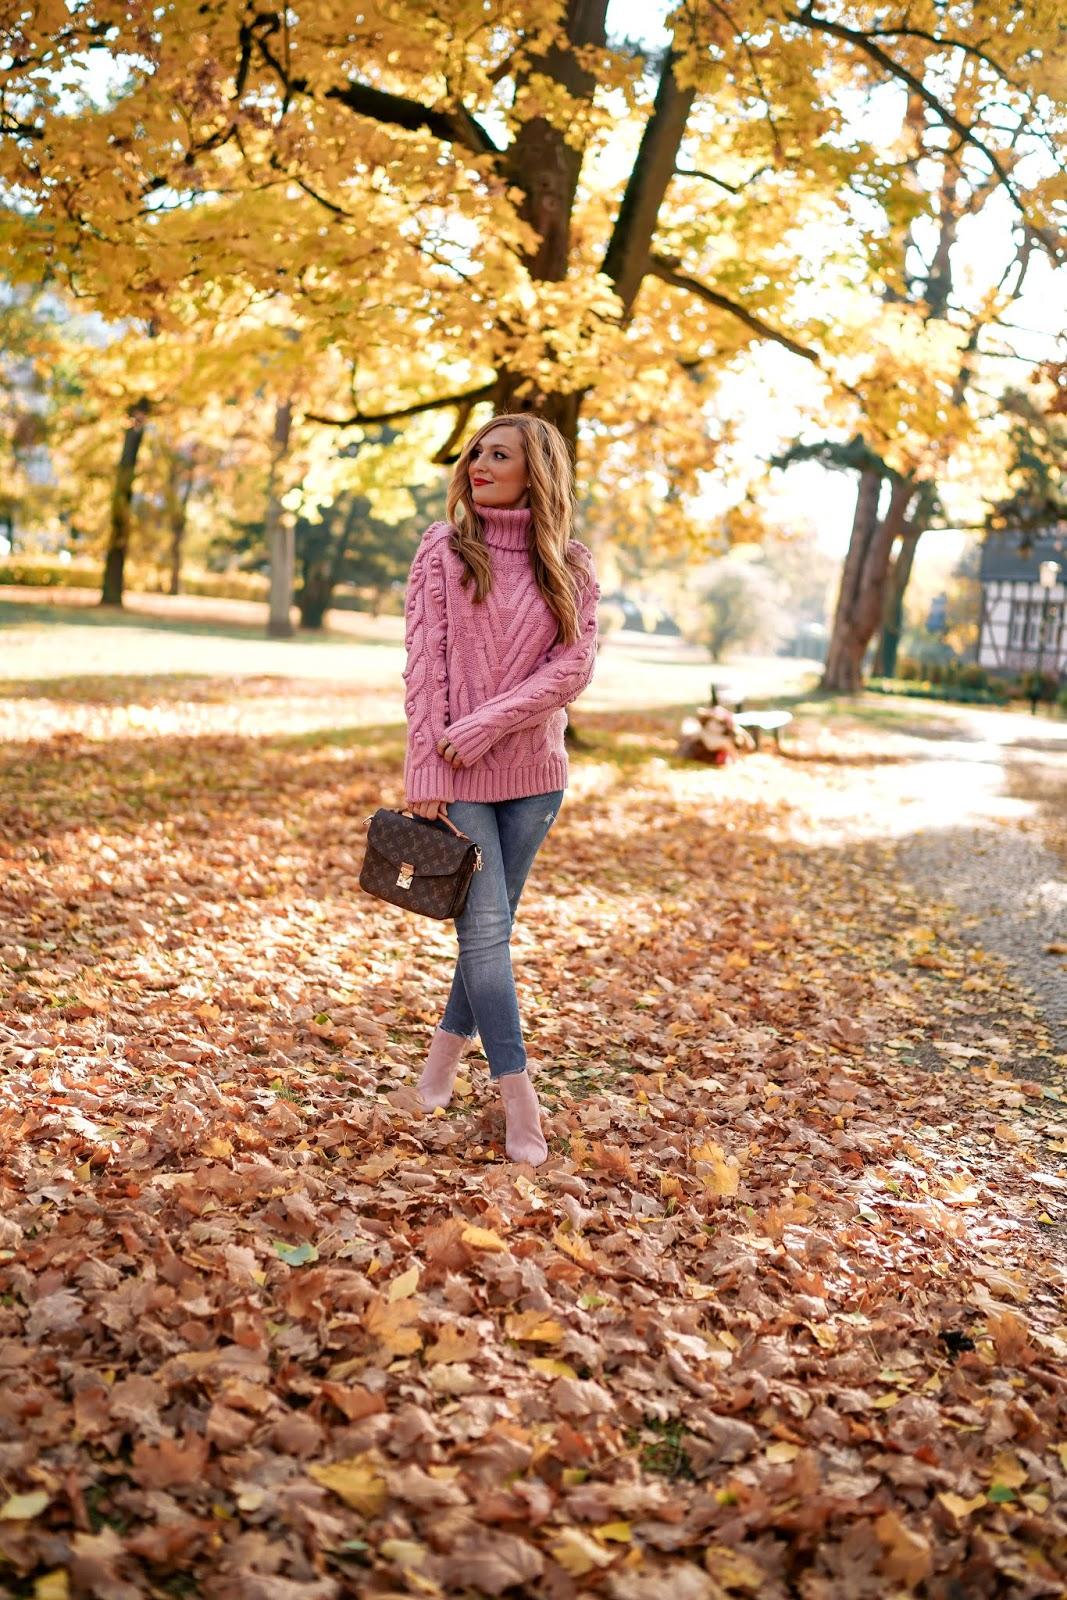 Rosa-rollkragenpullover-skinny-jeans-der-perfekte-herbstlook-was-ist-derzeit-im-trend-trend-outfit-Fashionstylebyjohanna